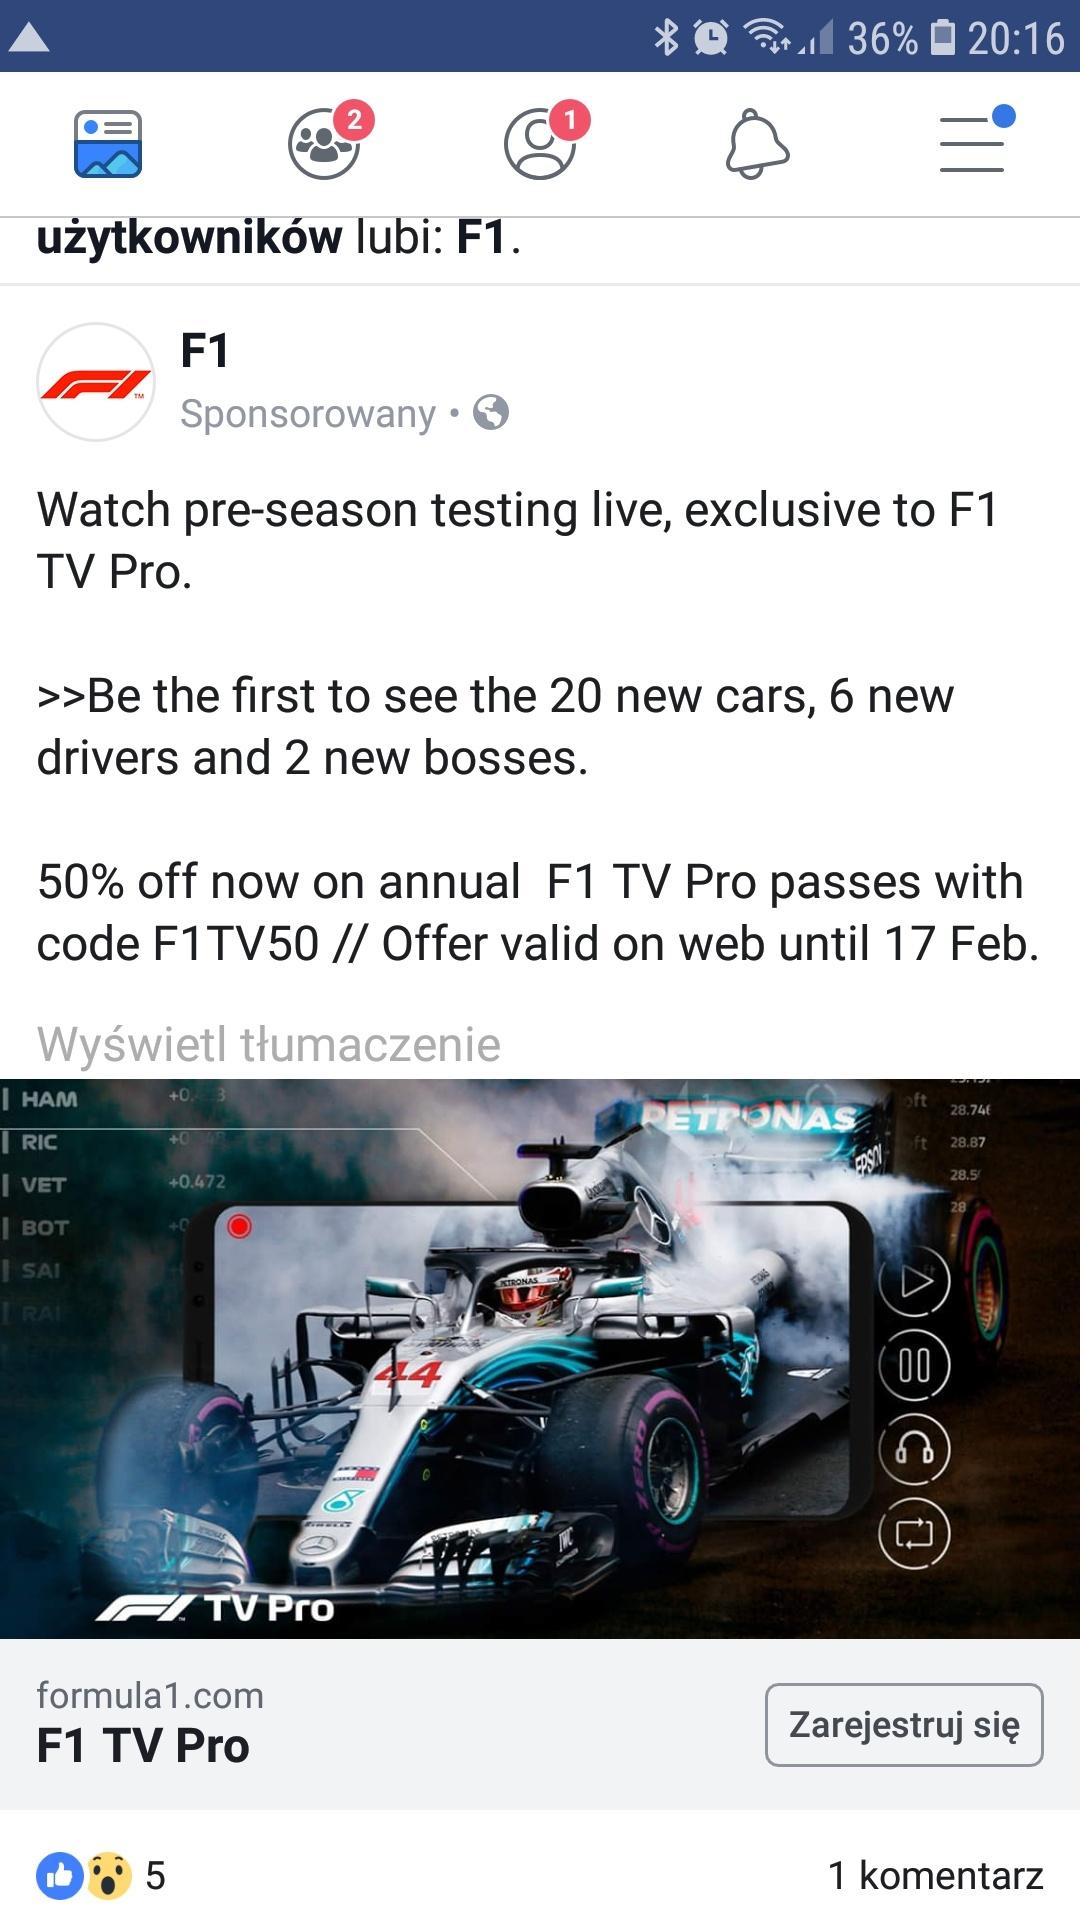 F1 TV PRO za połowę ceny przy zakupie na cały rok